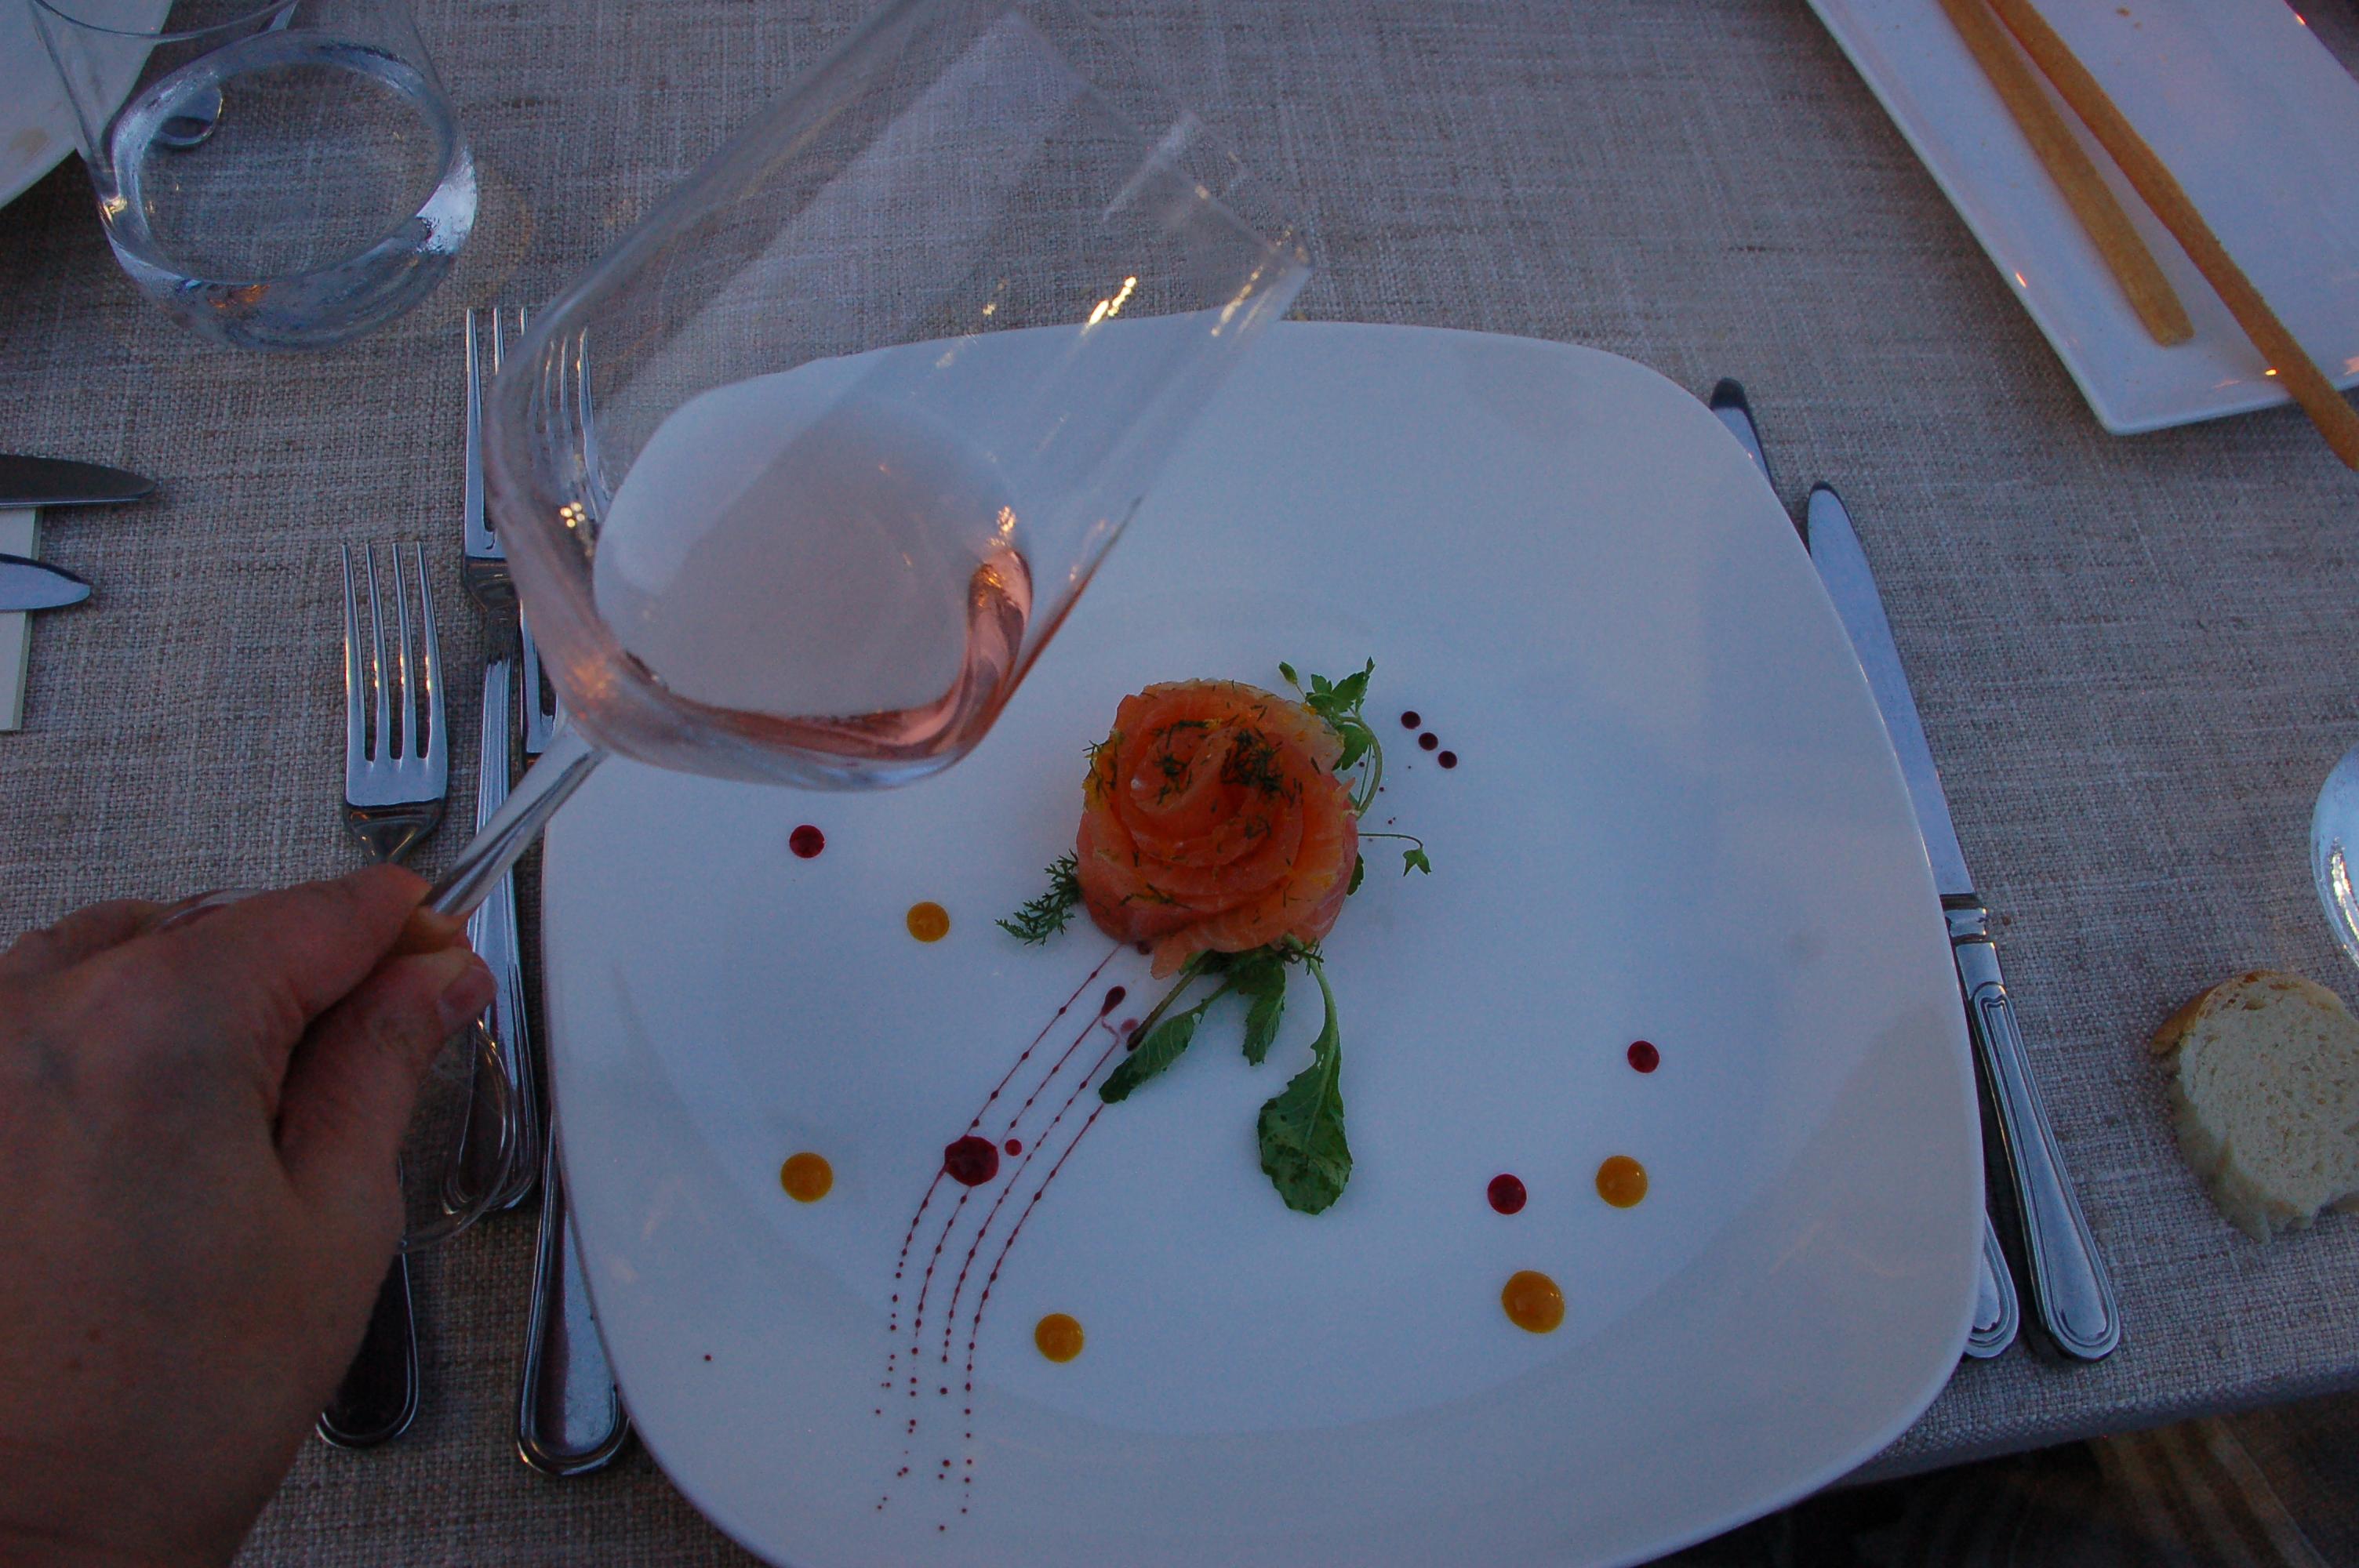 Acqui docg rožinis su lašiša